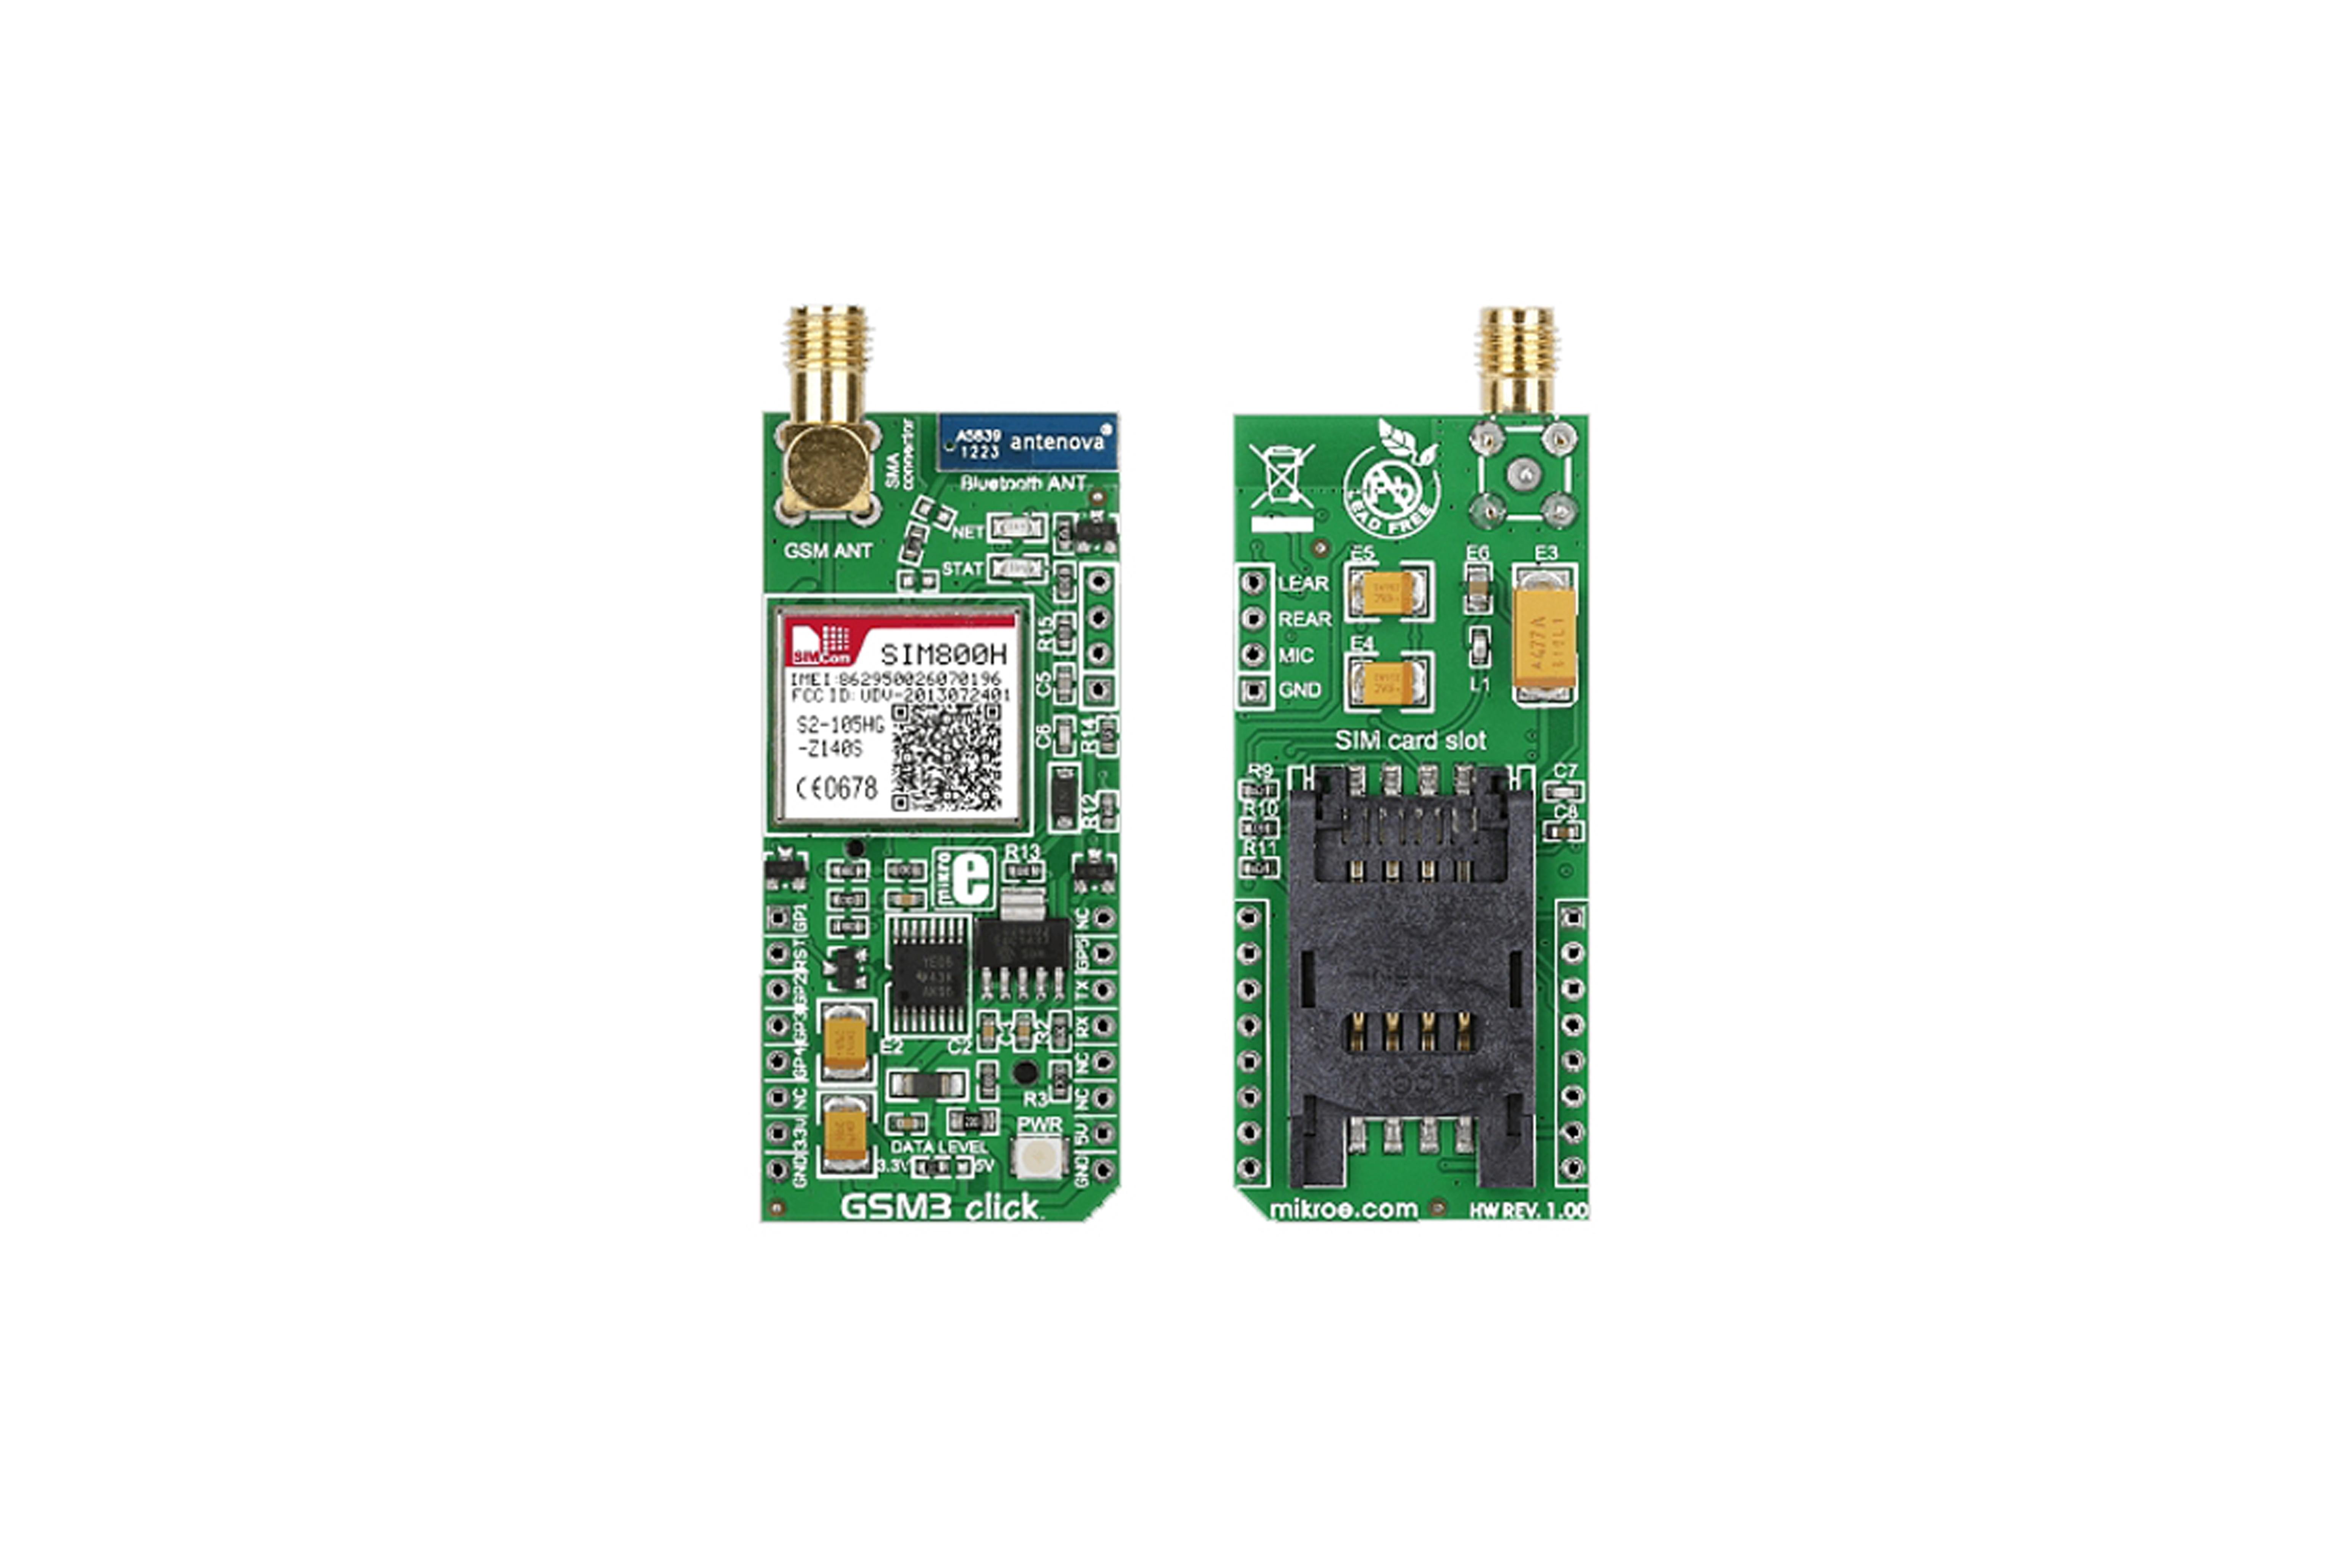 MIKROELEKTRONIKA GSM3 CLICK, MIKROE-1720